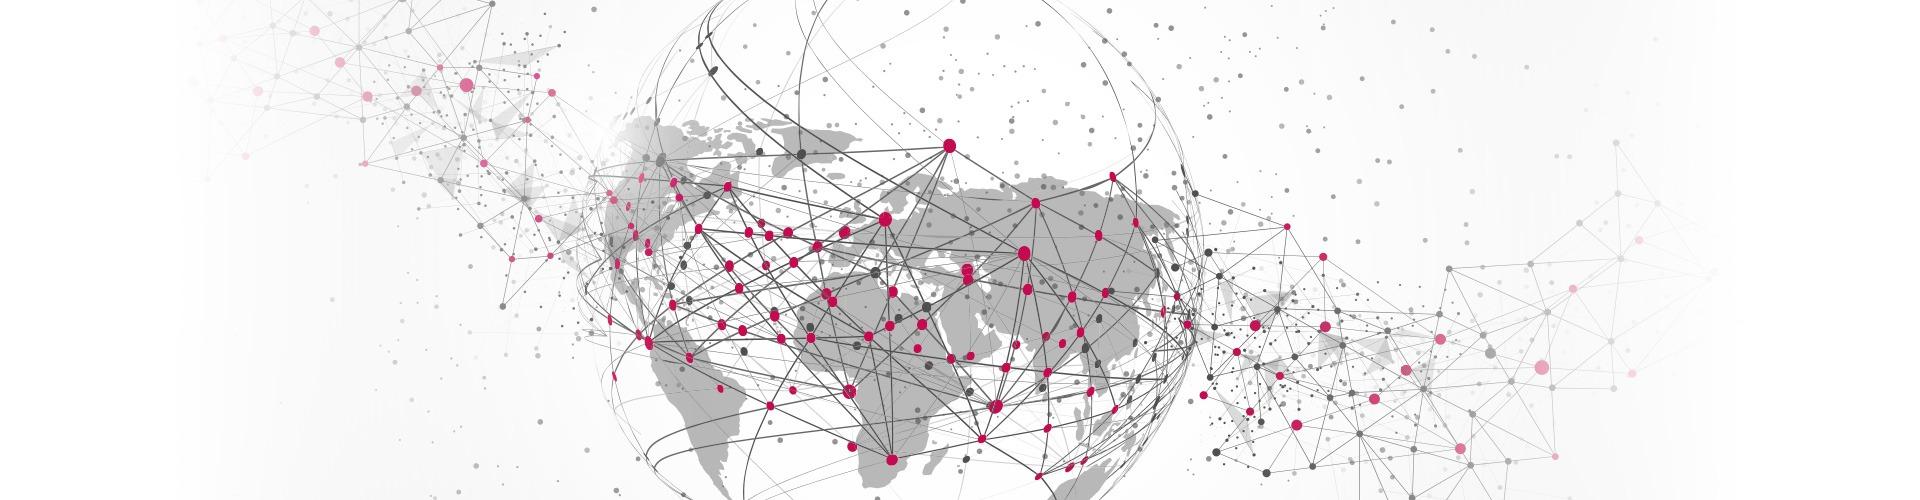 Darstellung vernetzte Erde